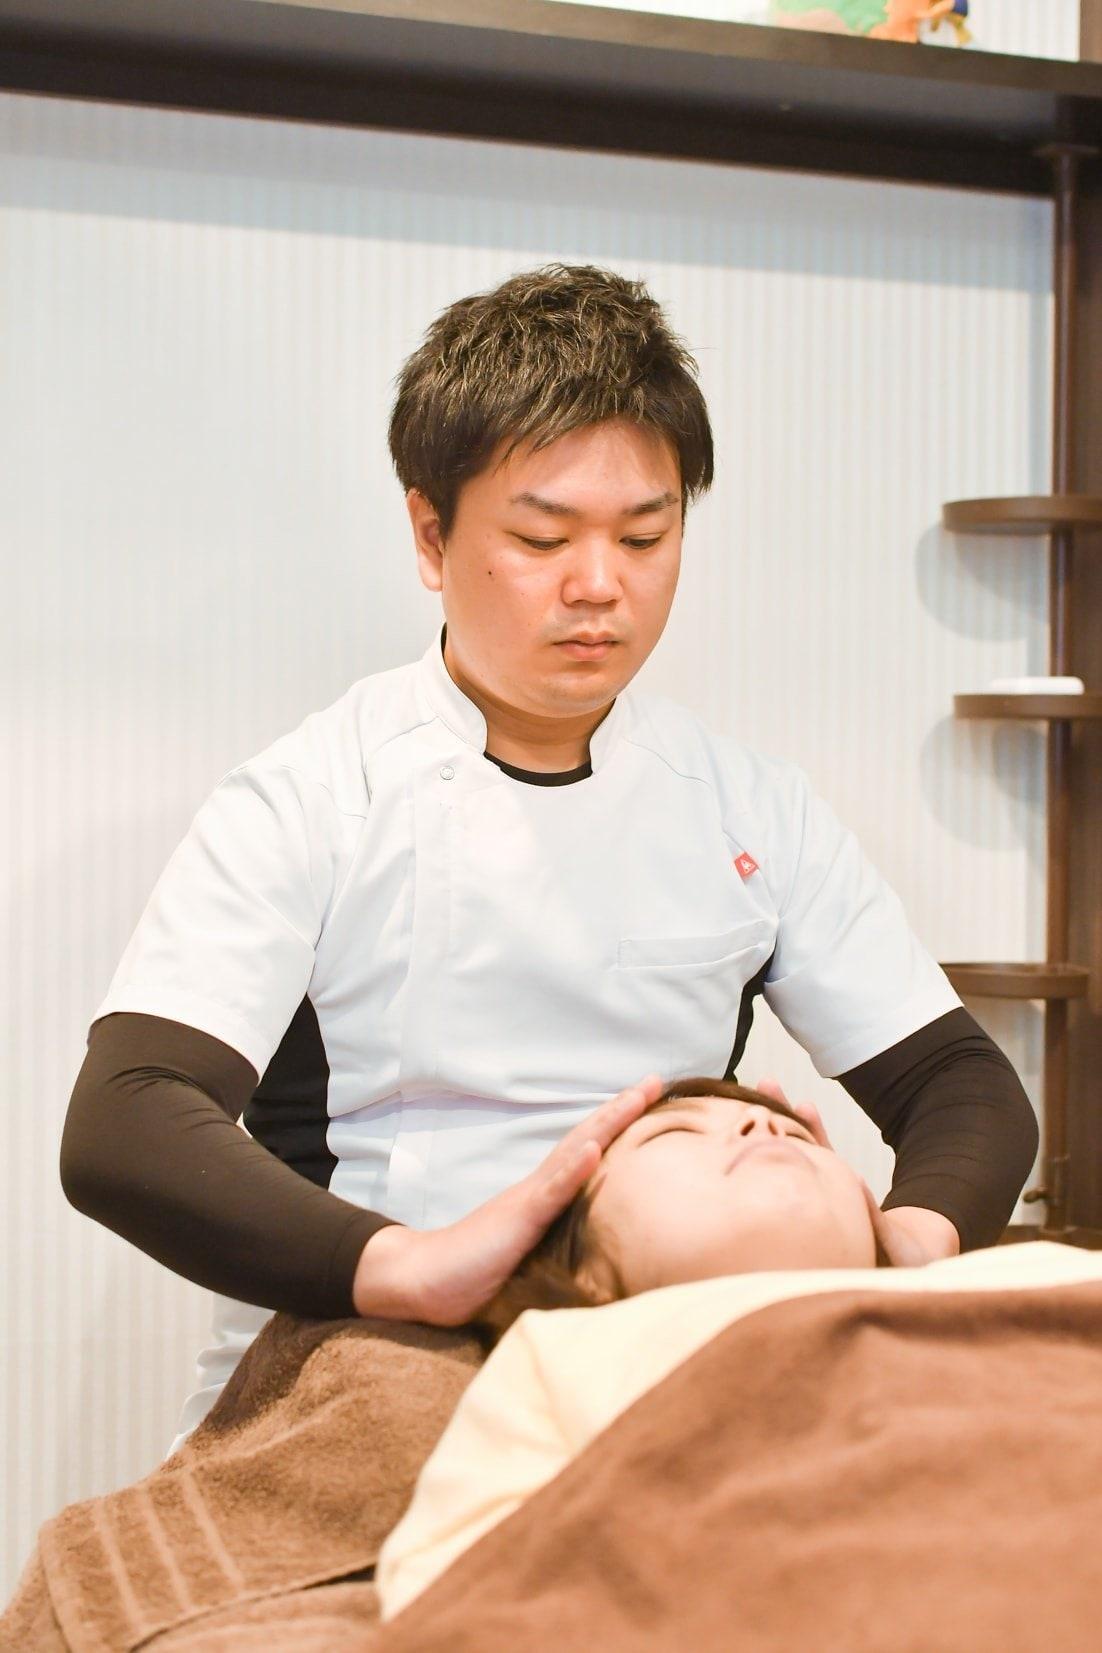 【会員用】【店頭払い専用】整体(カラダの痛み・症状は『骨格と内臓のズレ』を修正する)のイメージその2